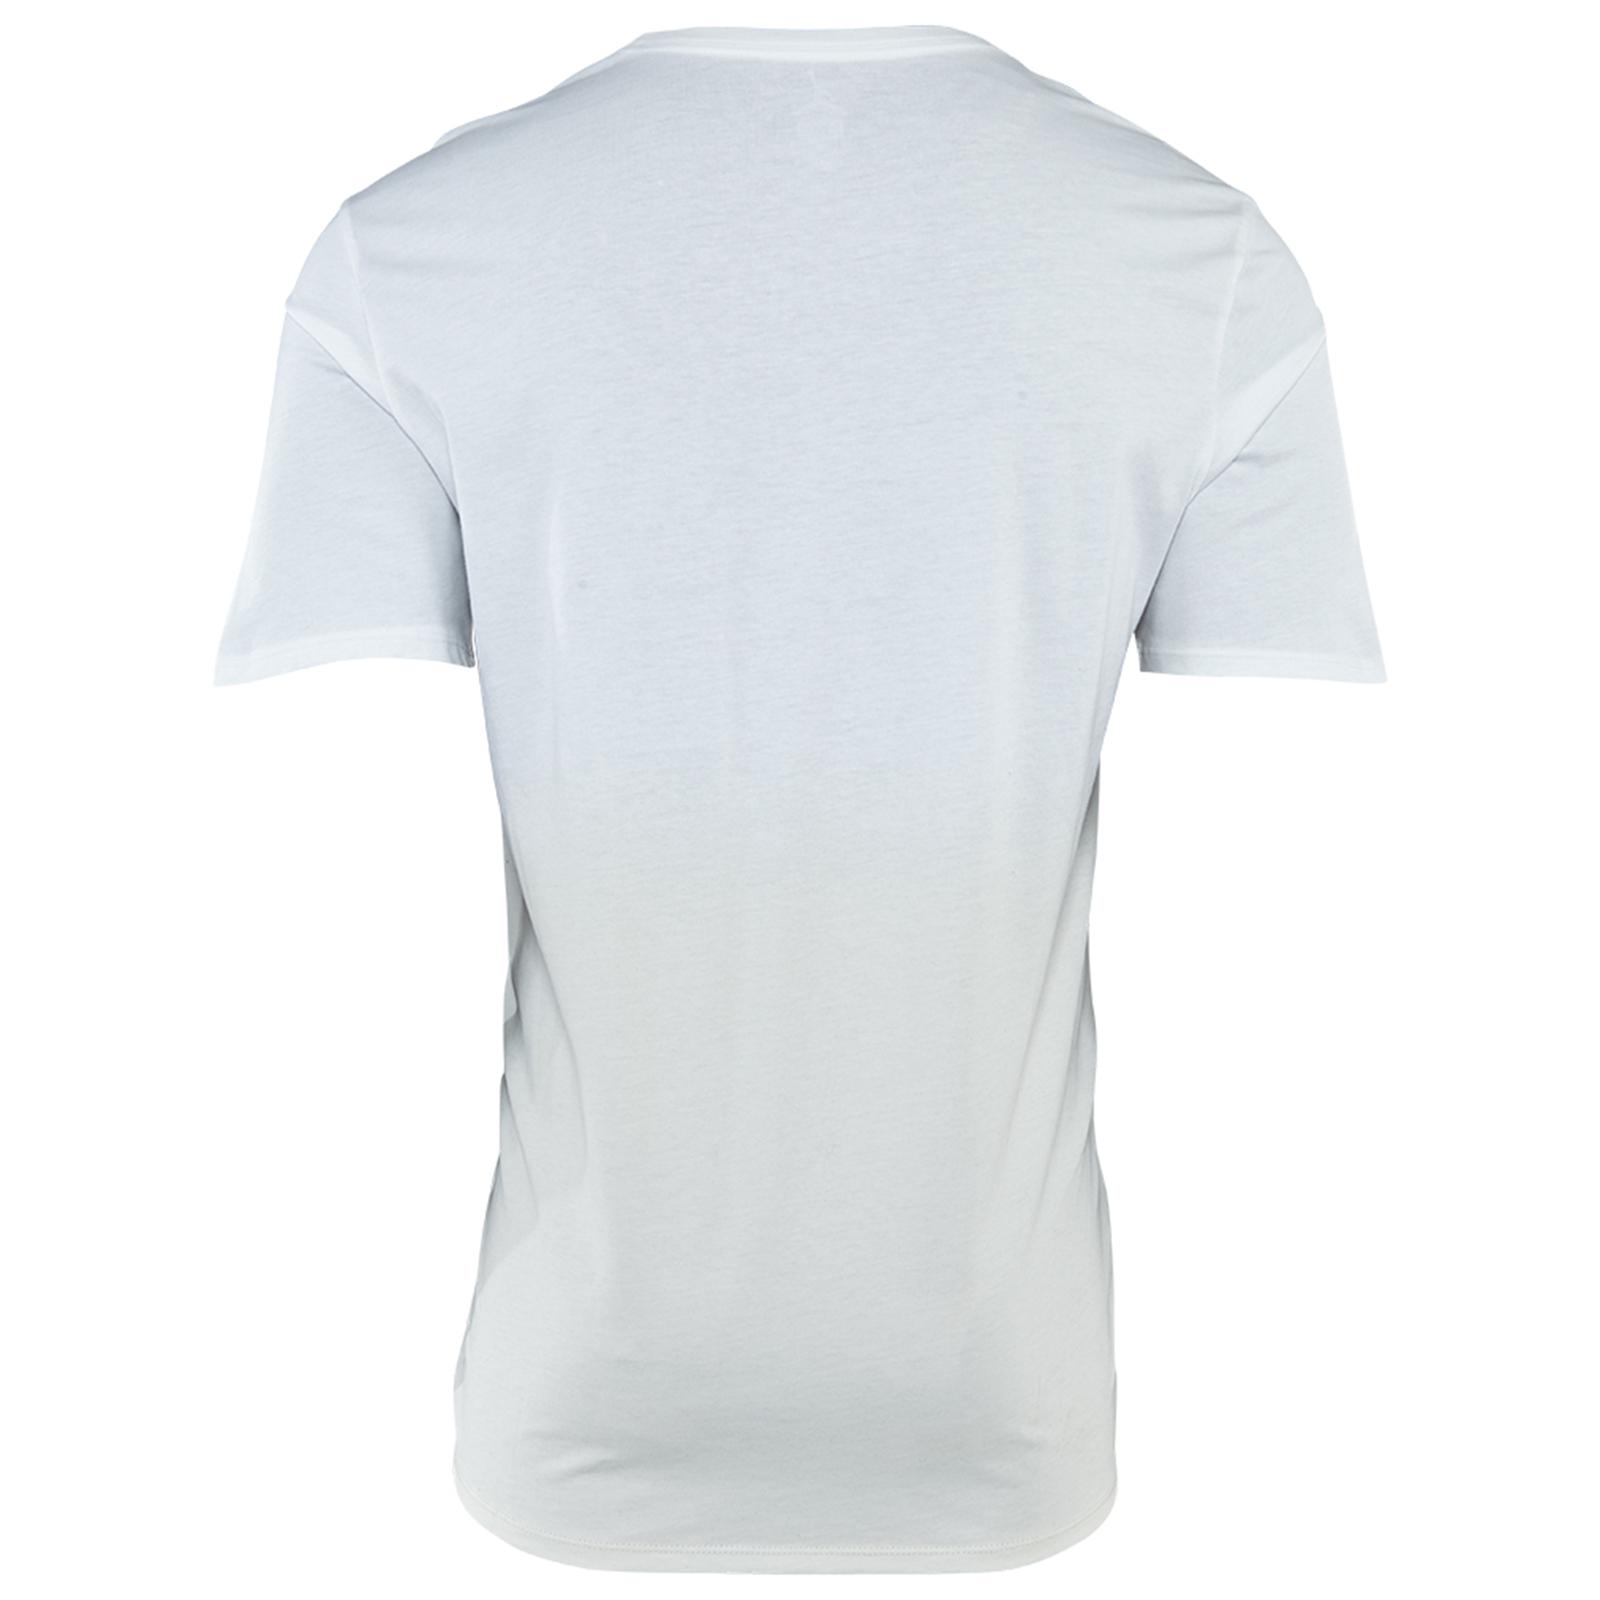 Jordan Fadeaway Faded T-shirt Mens Style : 843138